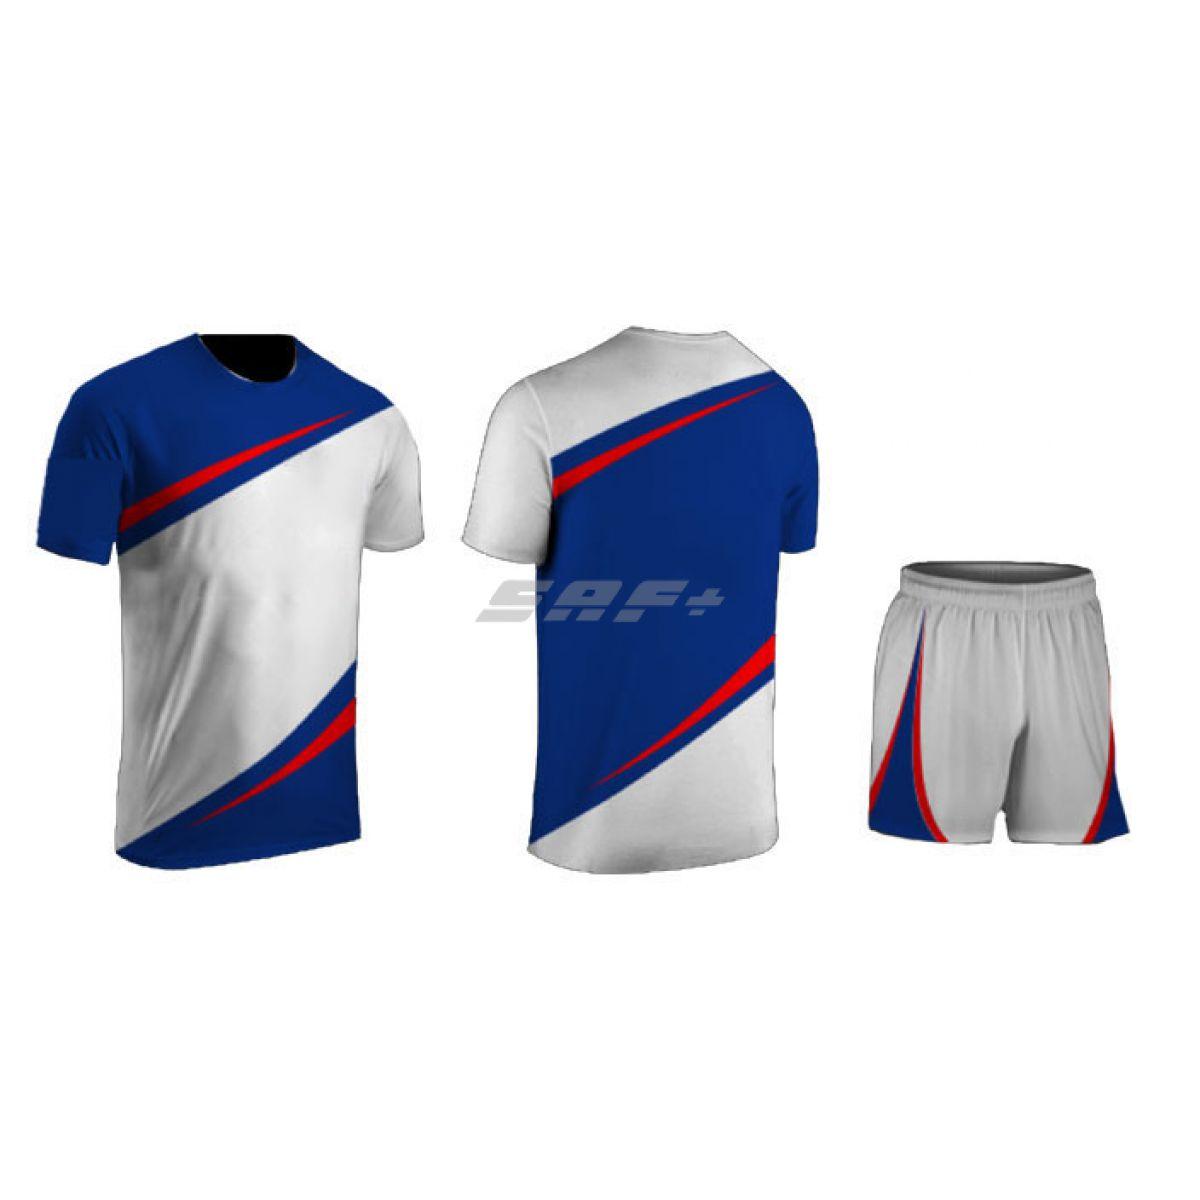 Футбольная форма высокого качества по индивидуальному дизайну в Москве. 5e6da3d4849